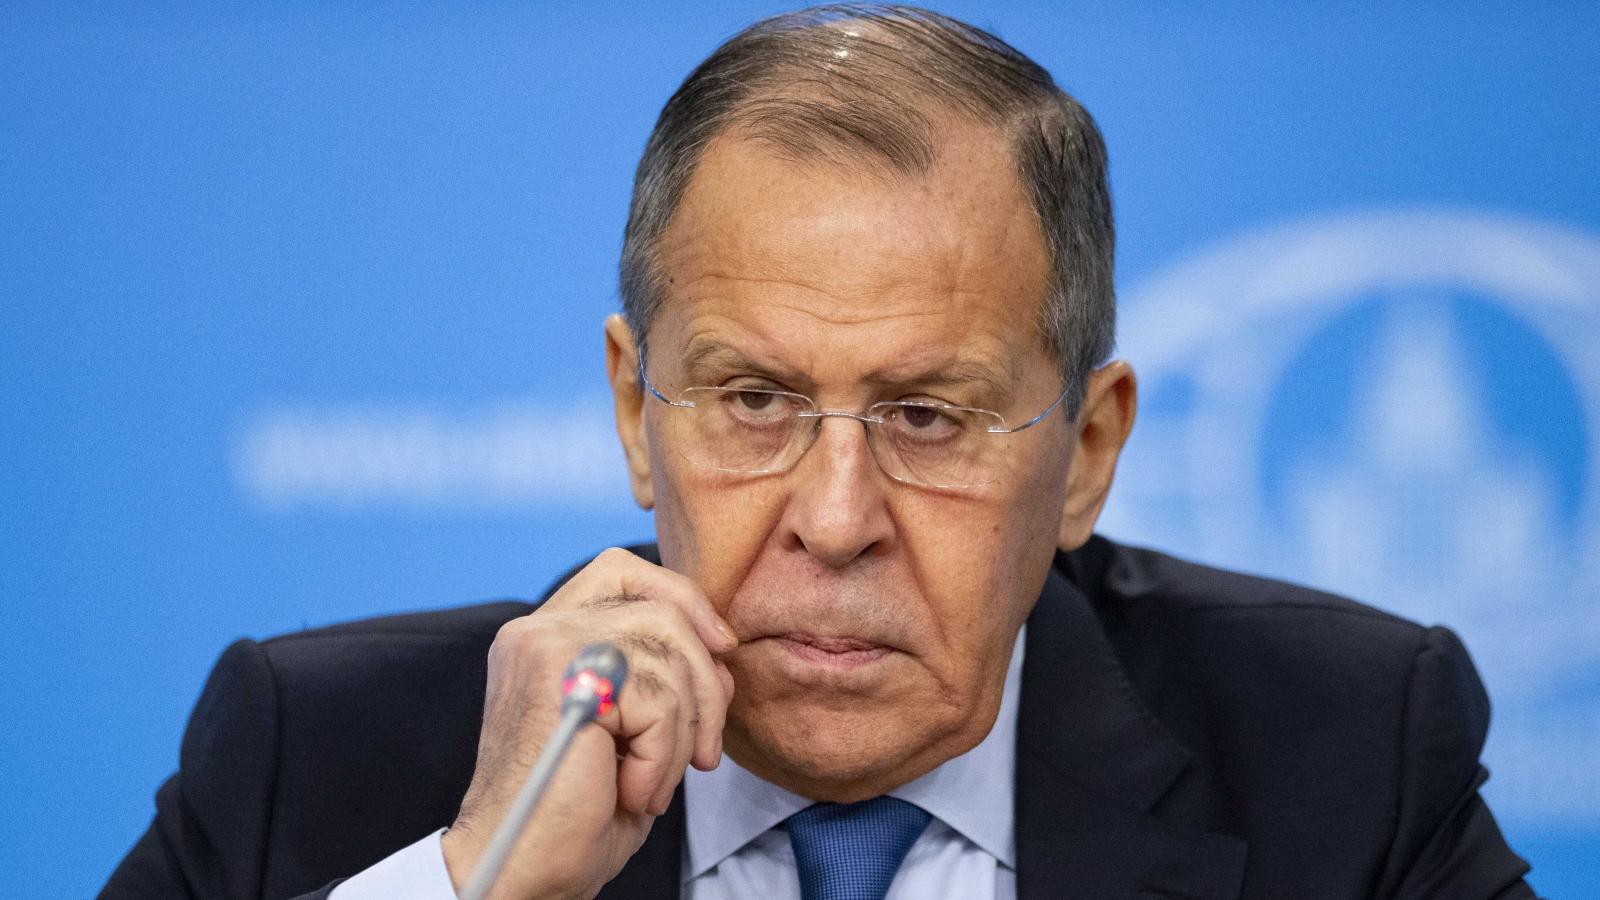 Nga: Trung Đông không thể có hòa bình lâu dài nếu vấn đề Palestin không được giải quyết